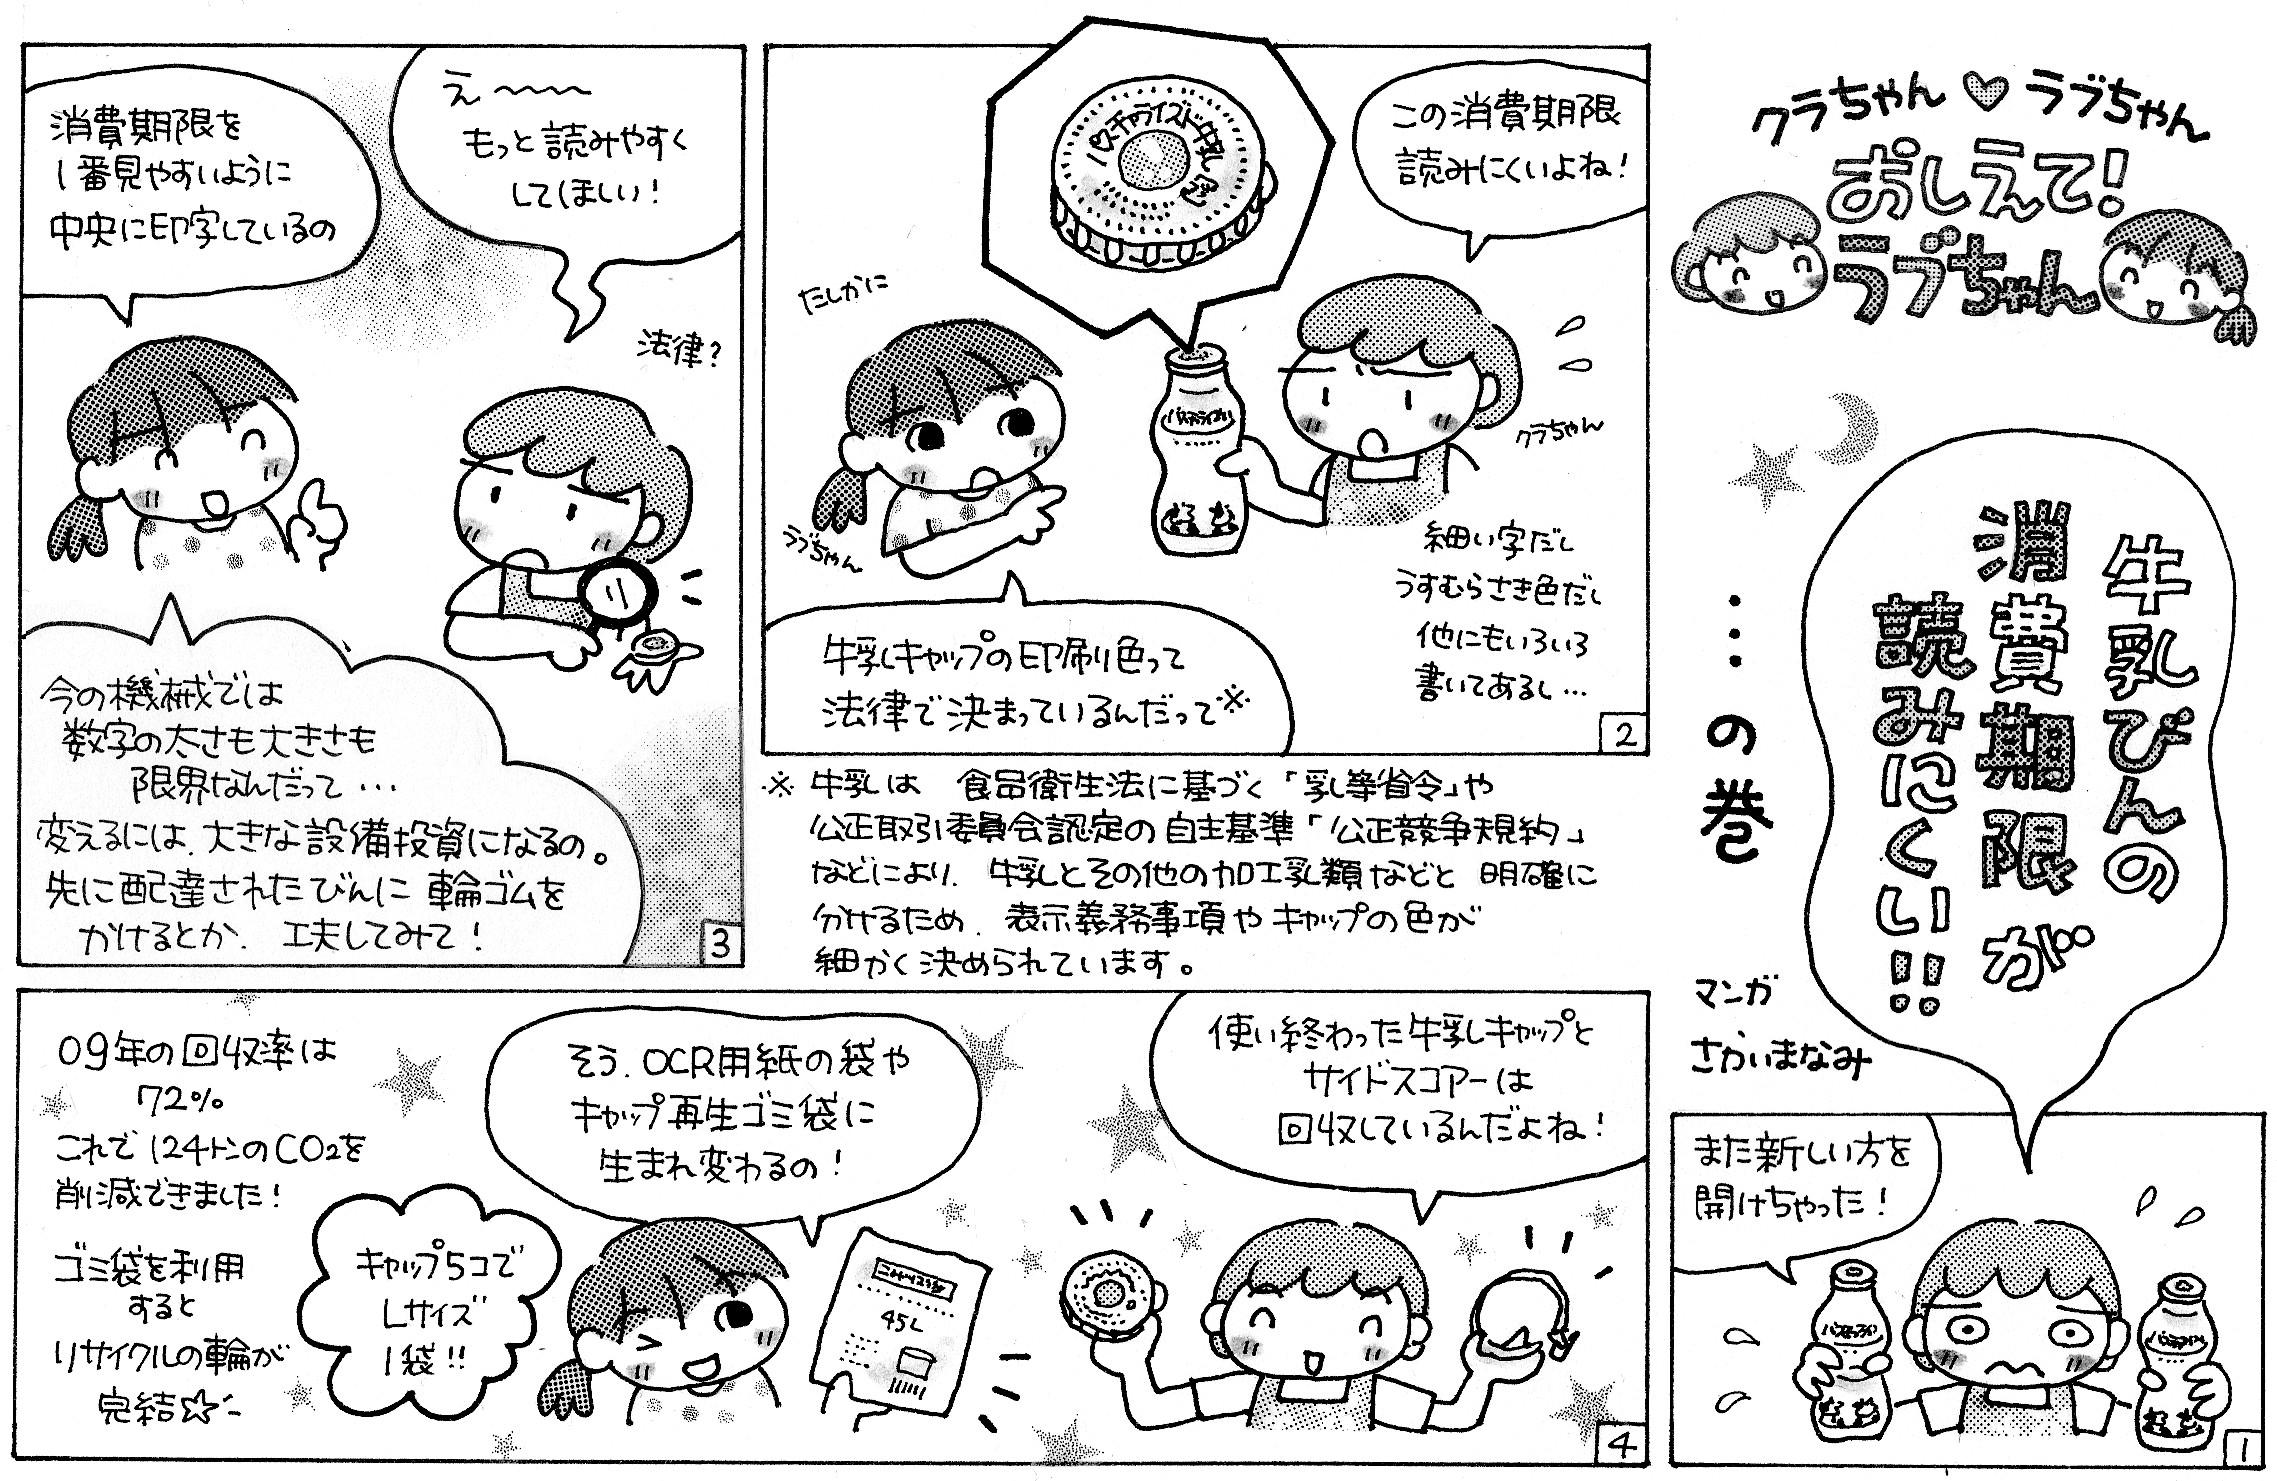 牛乳びんの消費期限が読みにくい!!